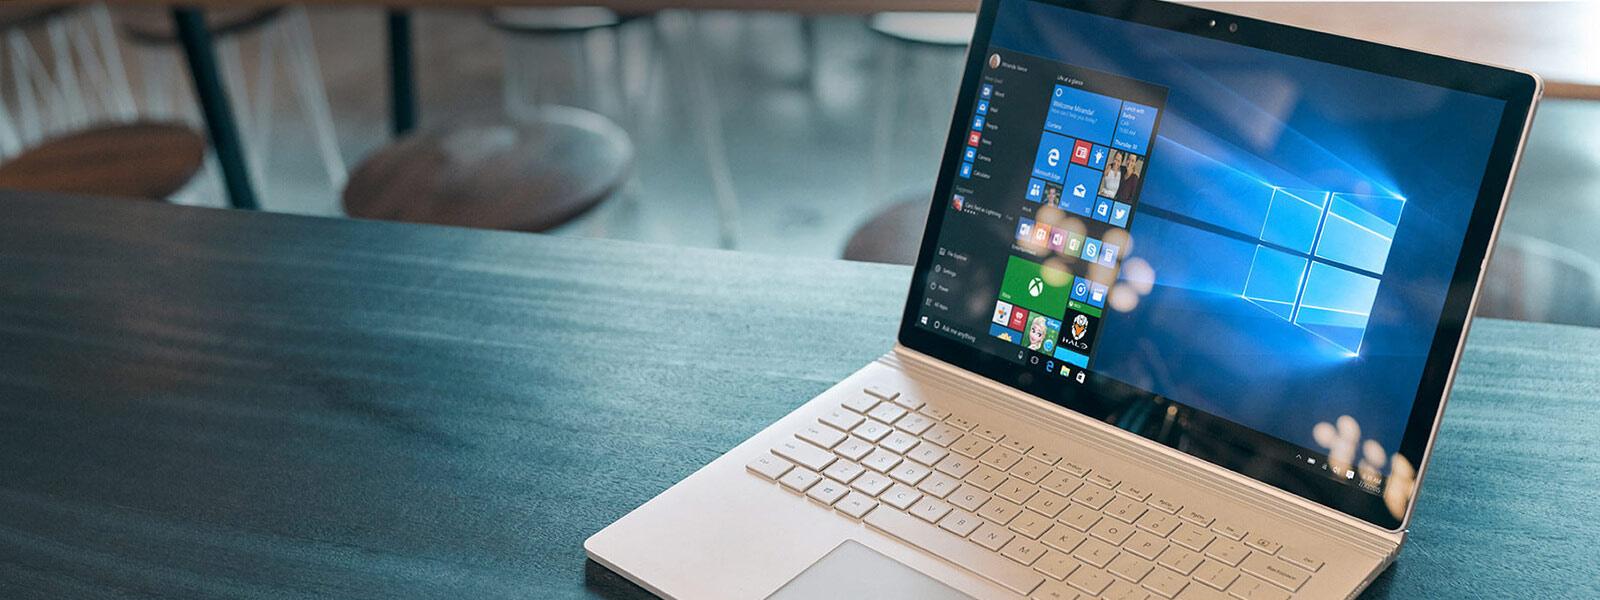 Windows 10 设备